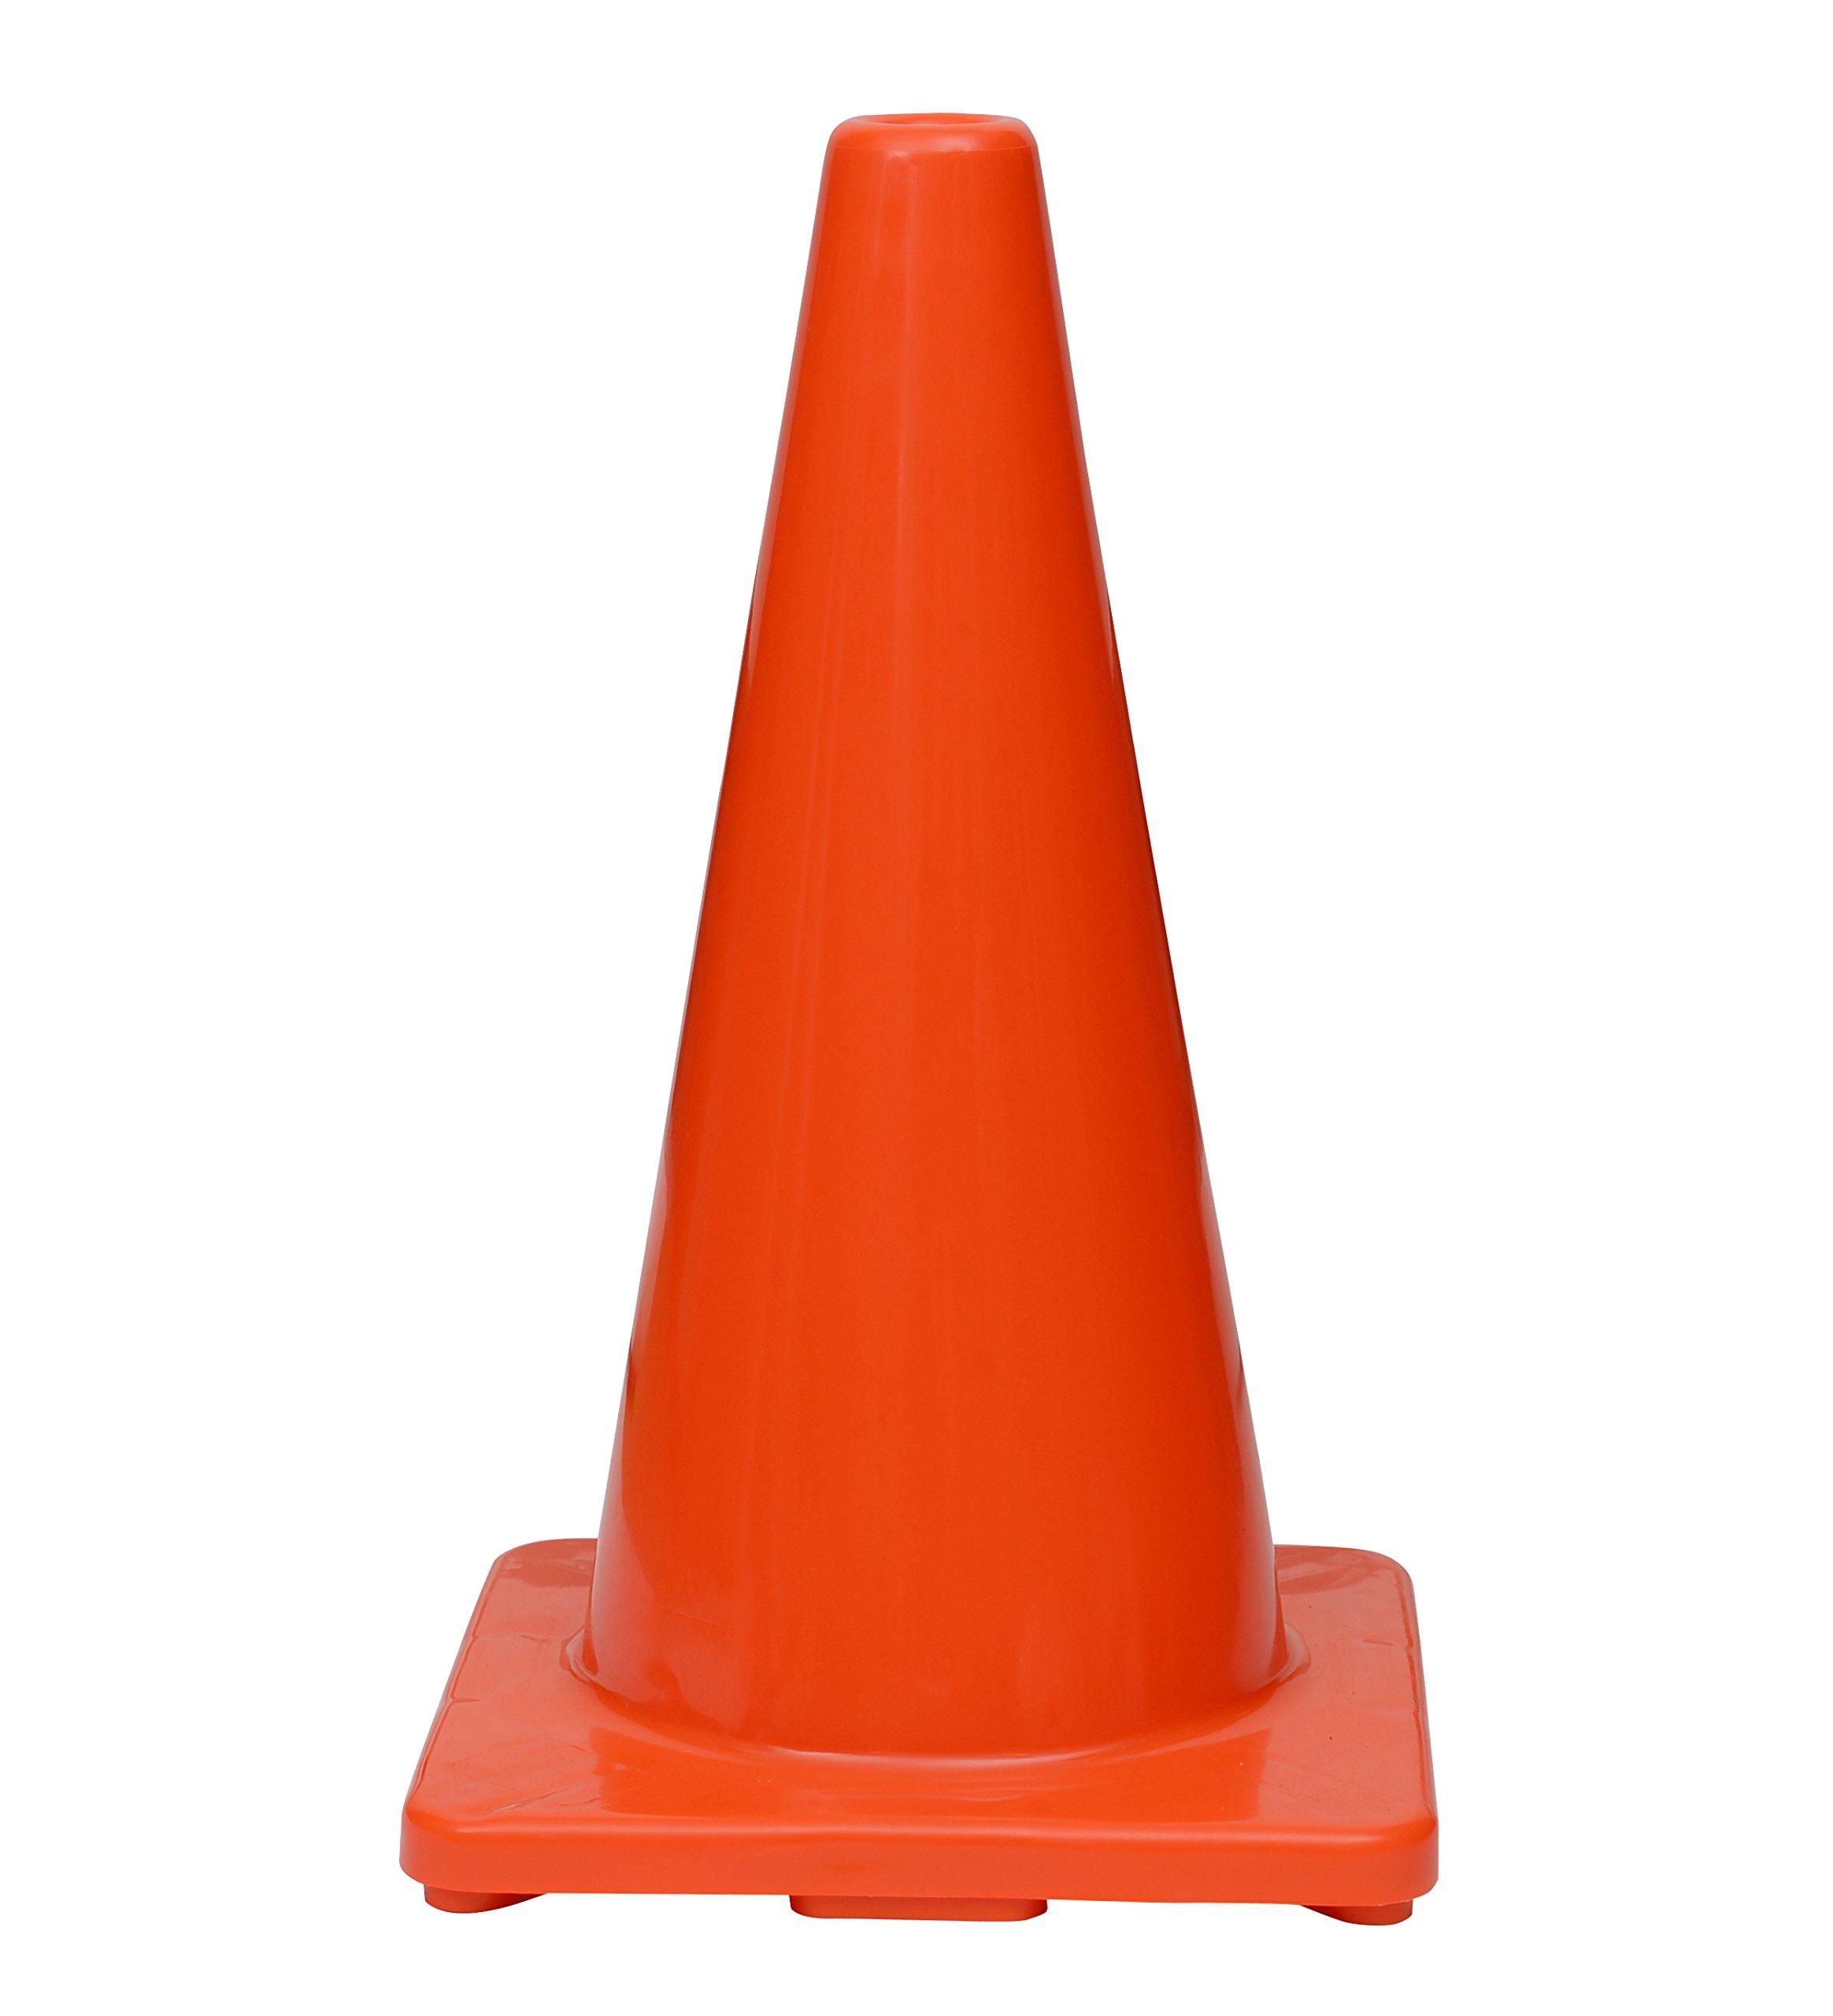 (Set of 12) CJ Safety 18'' Orange Premium PVC Safety Cones - No Reflective Collar (12 Cones)